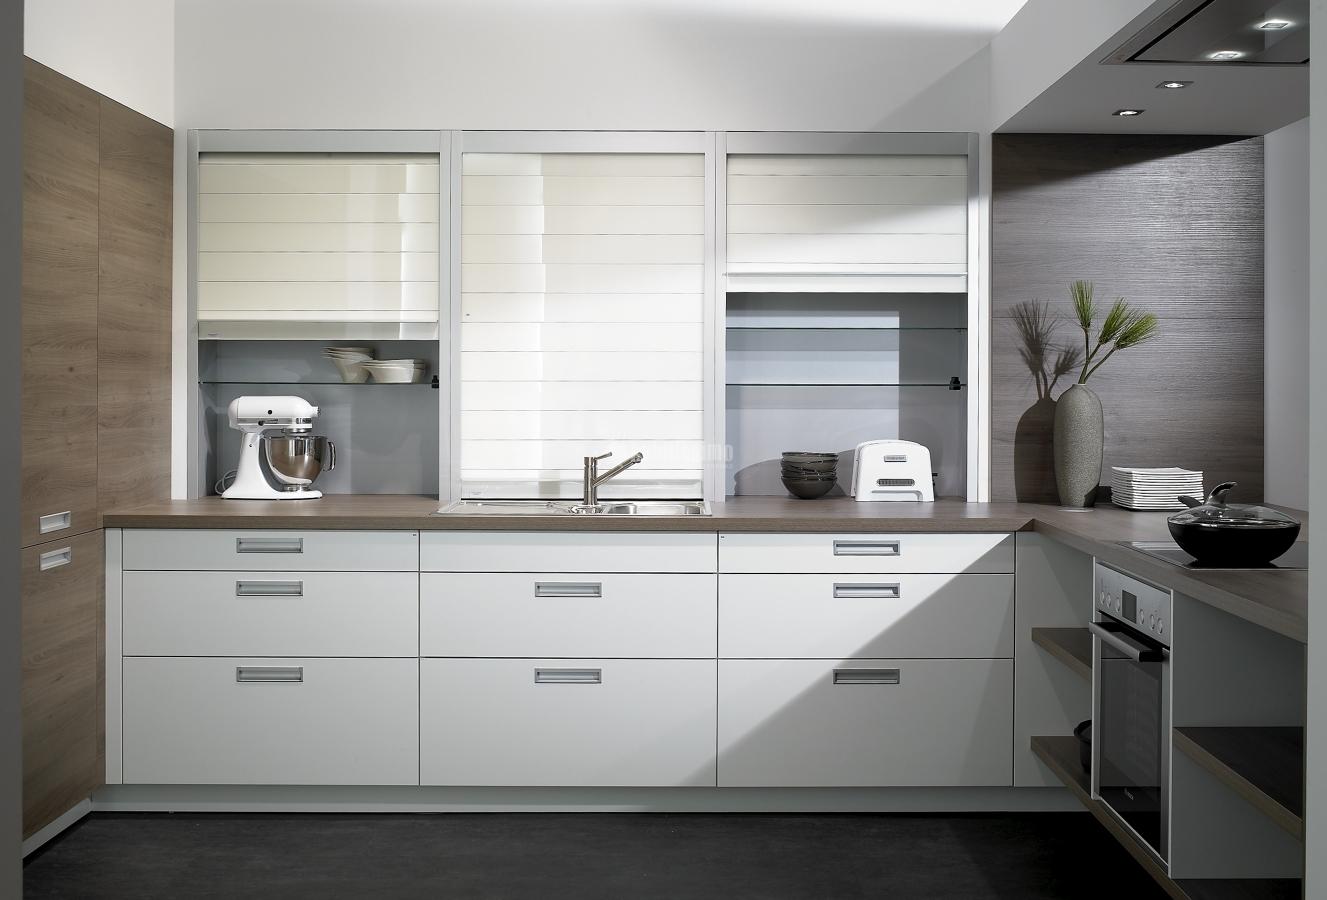 Foto muebles cocina reformas cocinas de k chen confort for Muebles de cocina zamora